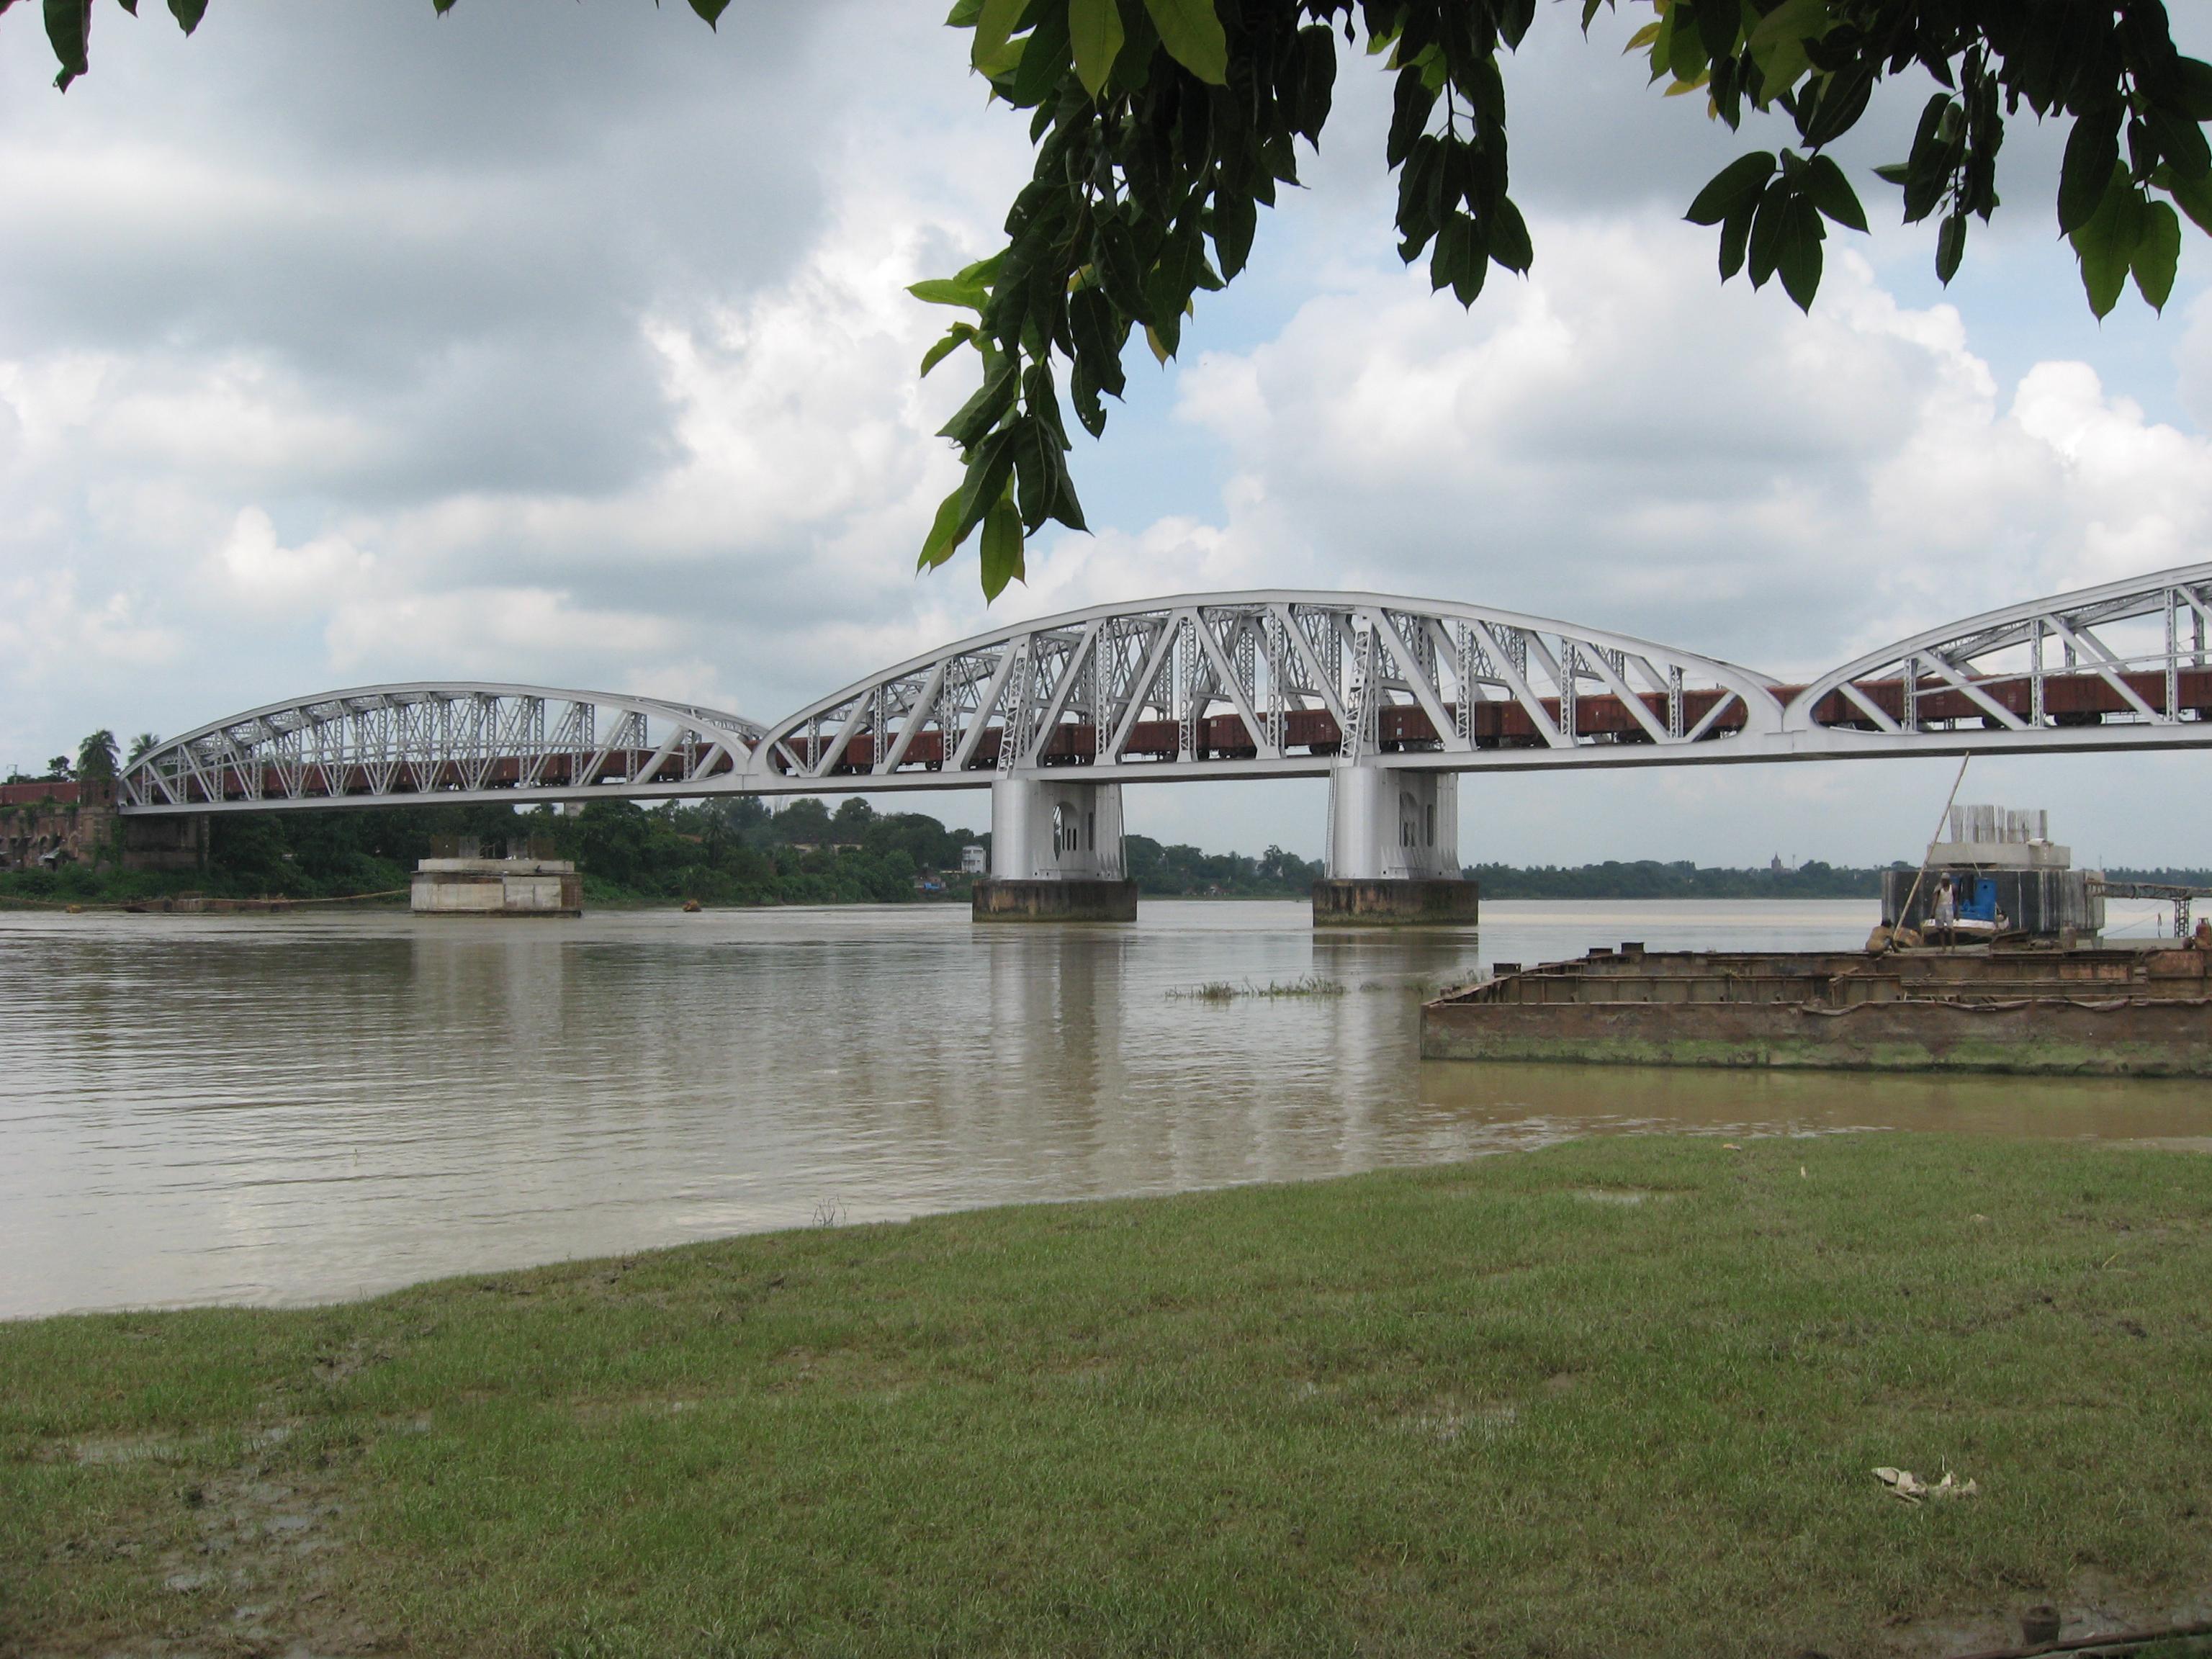 File:Jubilee Bridge (Naihati-Bandel) by Piyal Kundu.jpg - Wikimedia ...